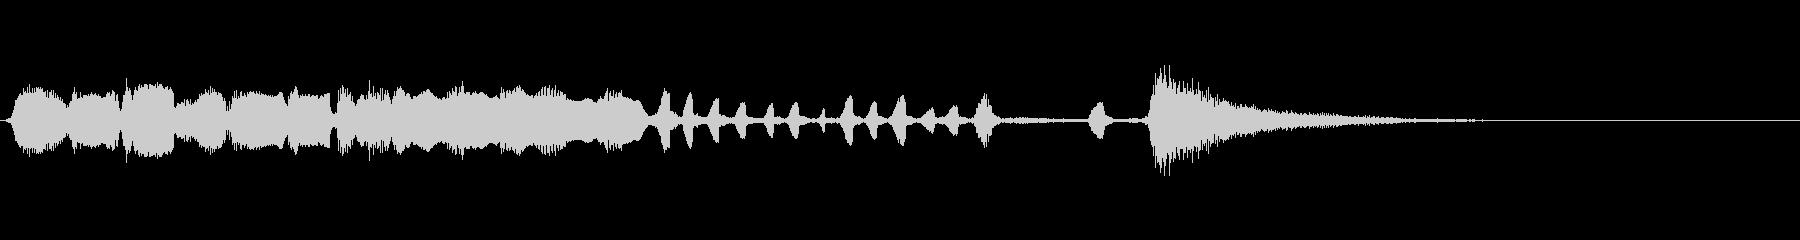 【生演奏】アコーディオンジングル20の未再生の波形